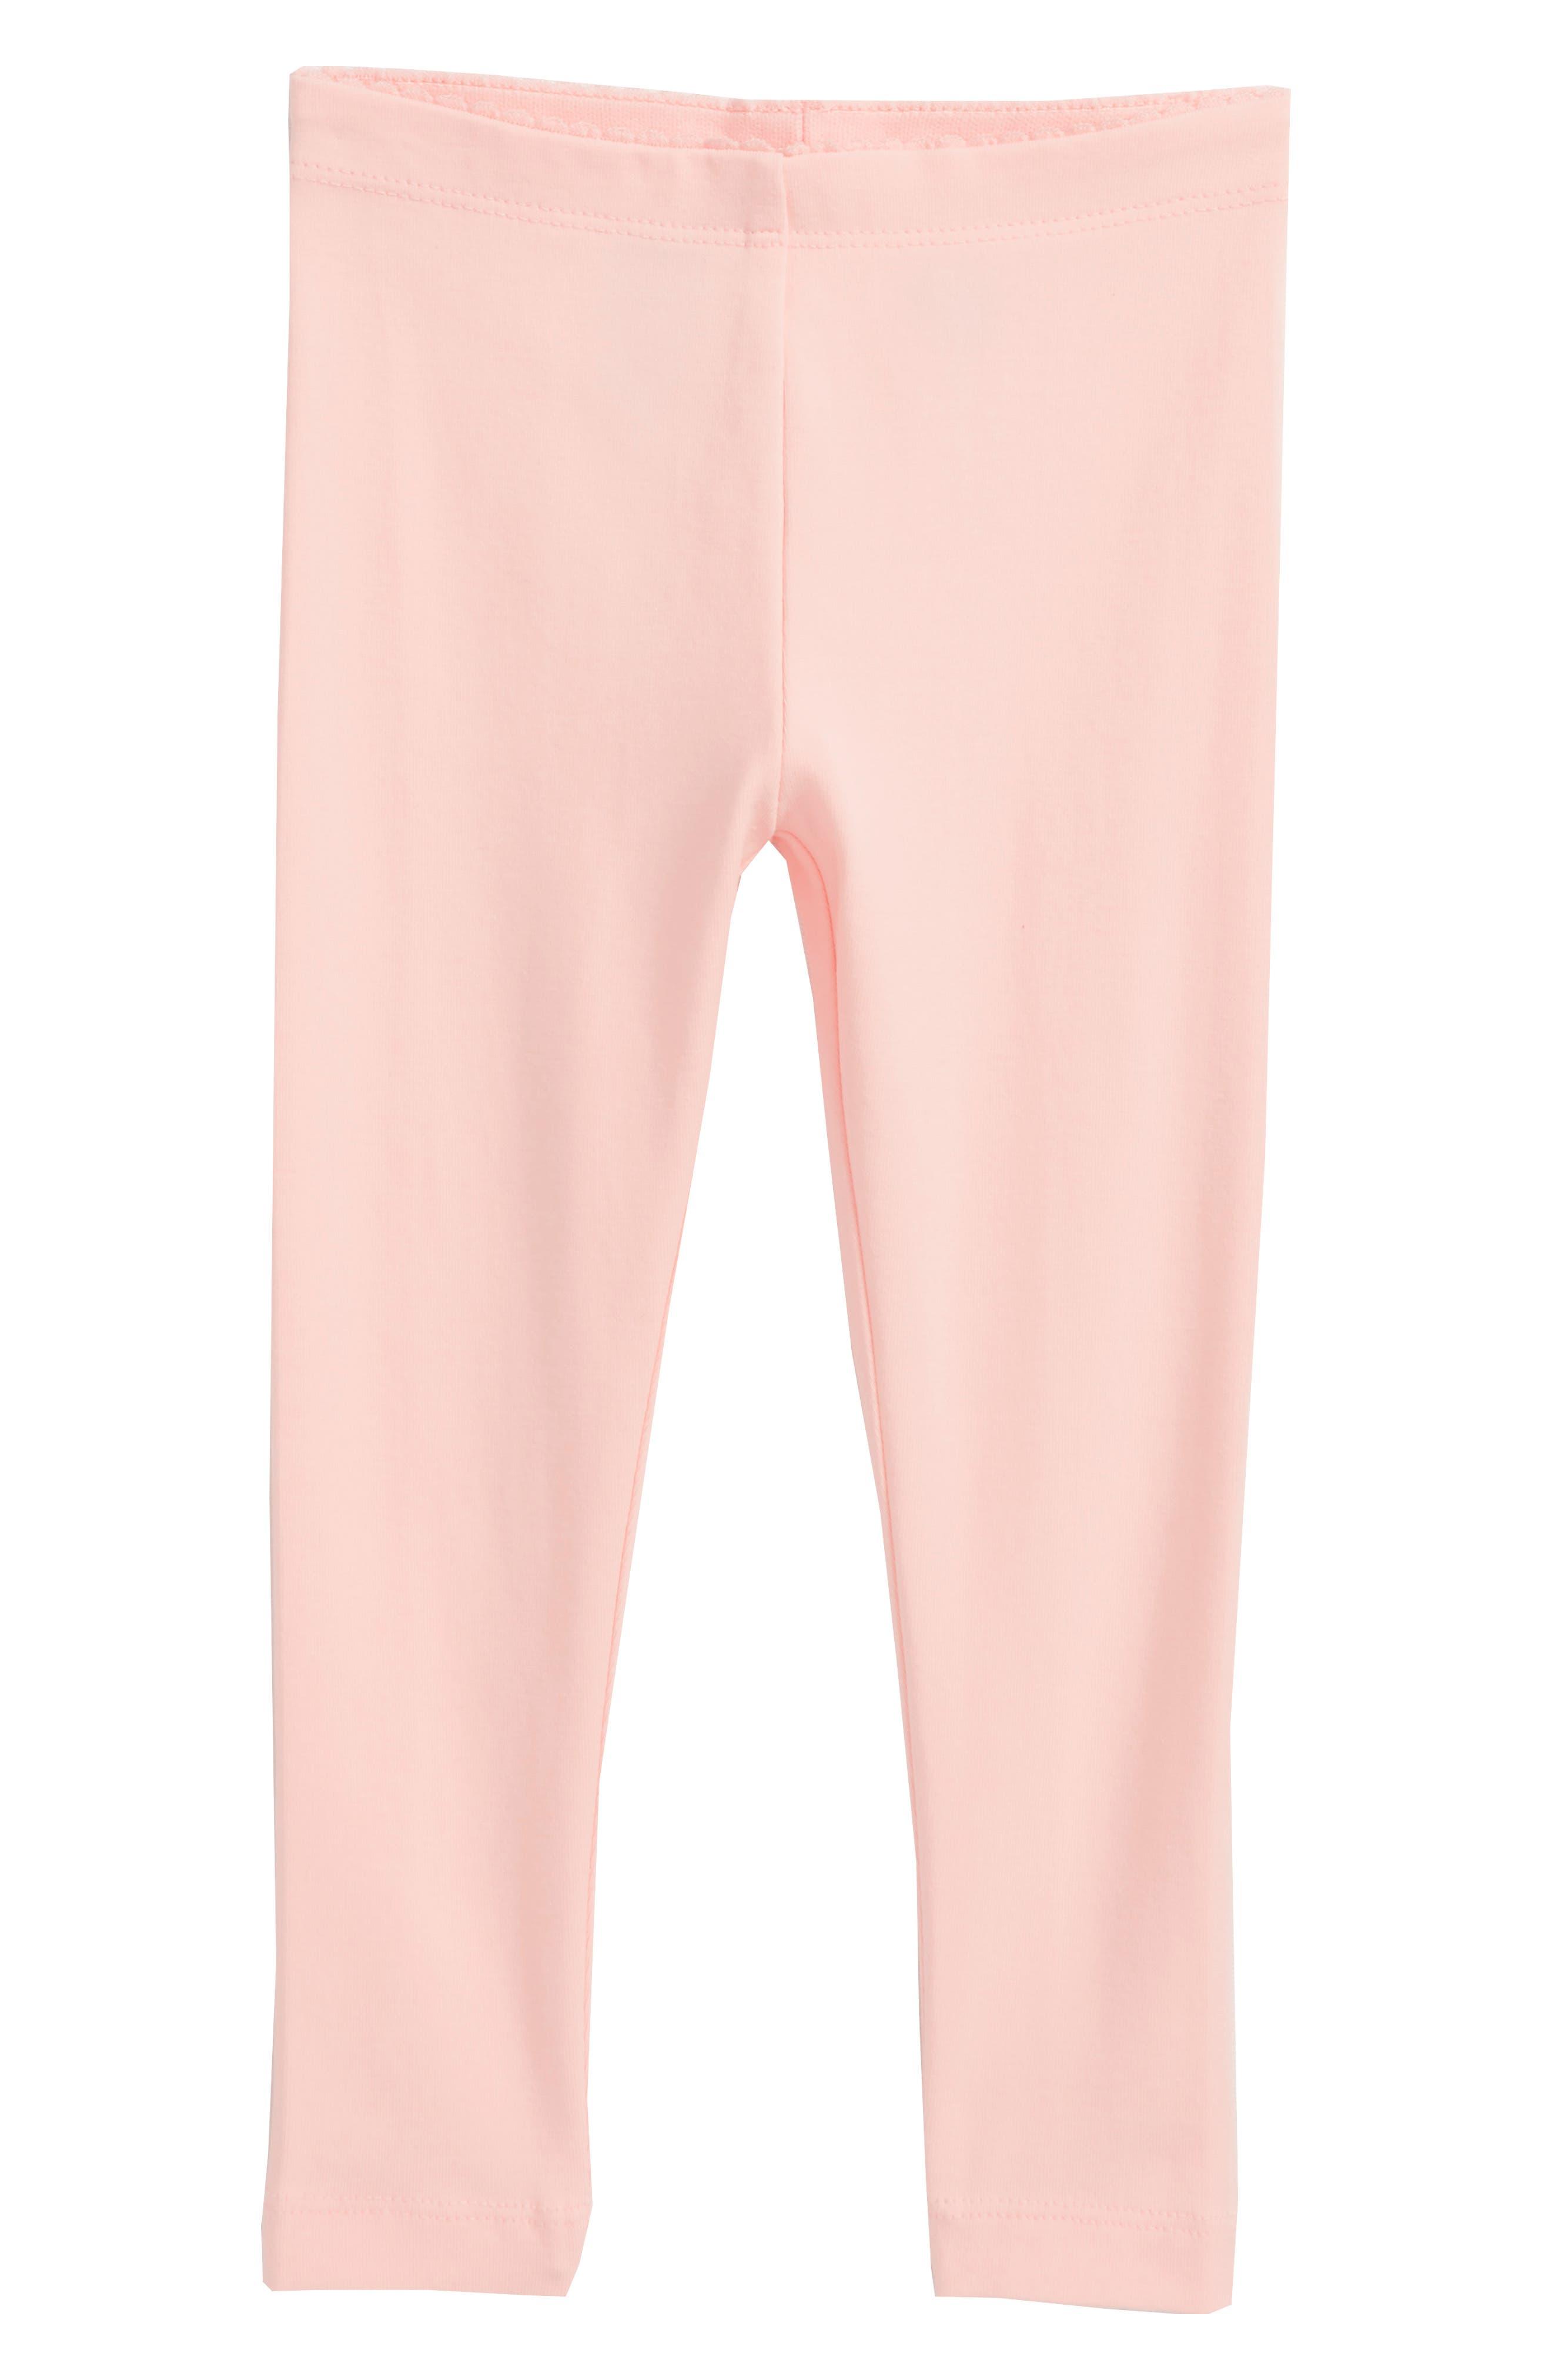 Solid Leggings,                         Main,                         color, Pink Gloss